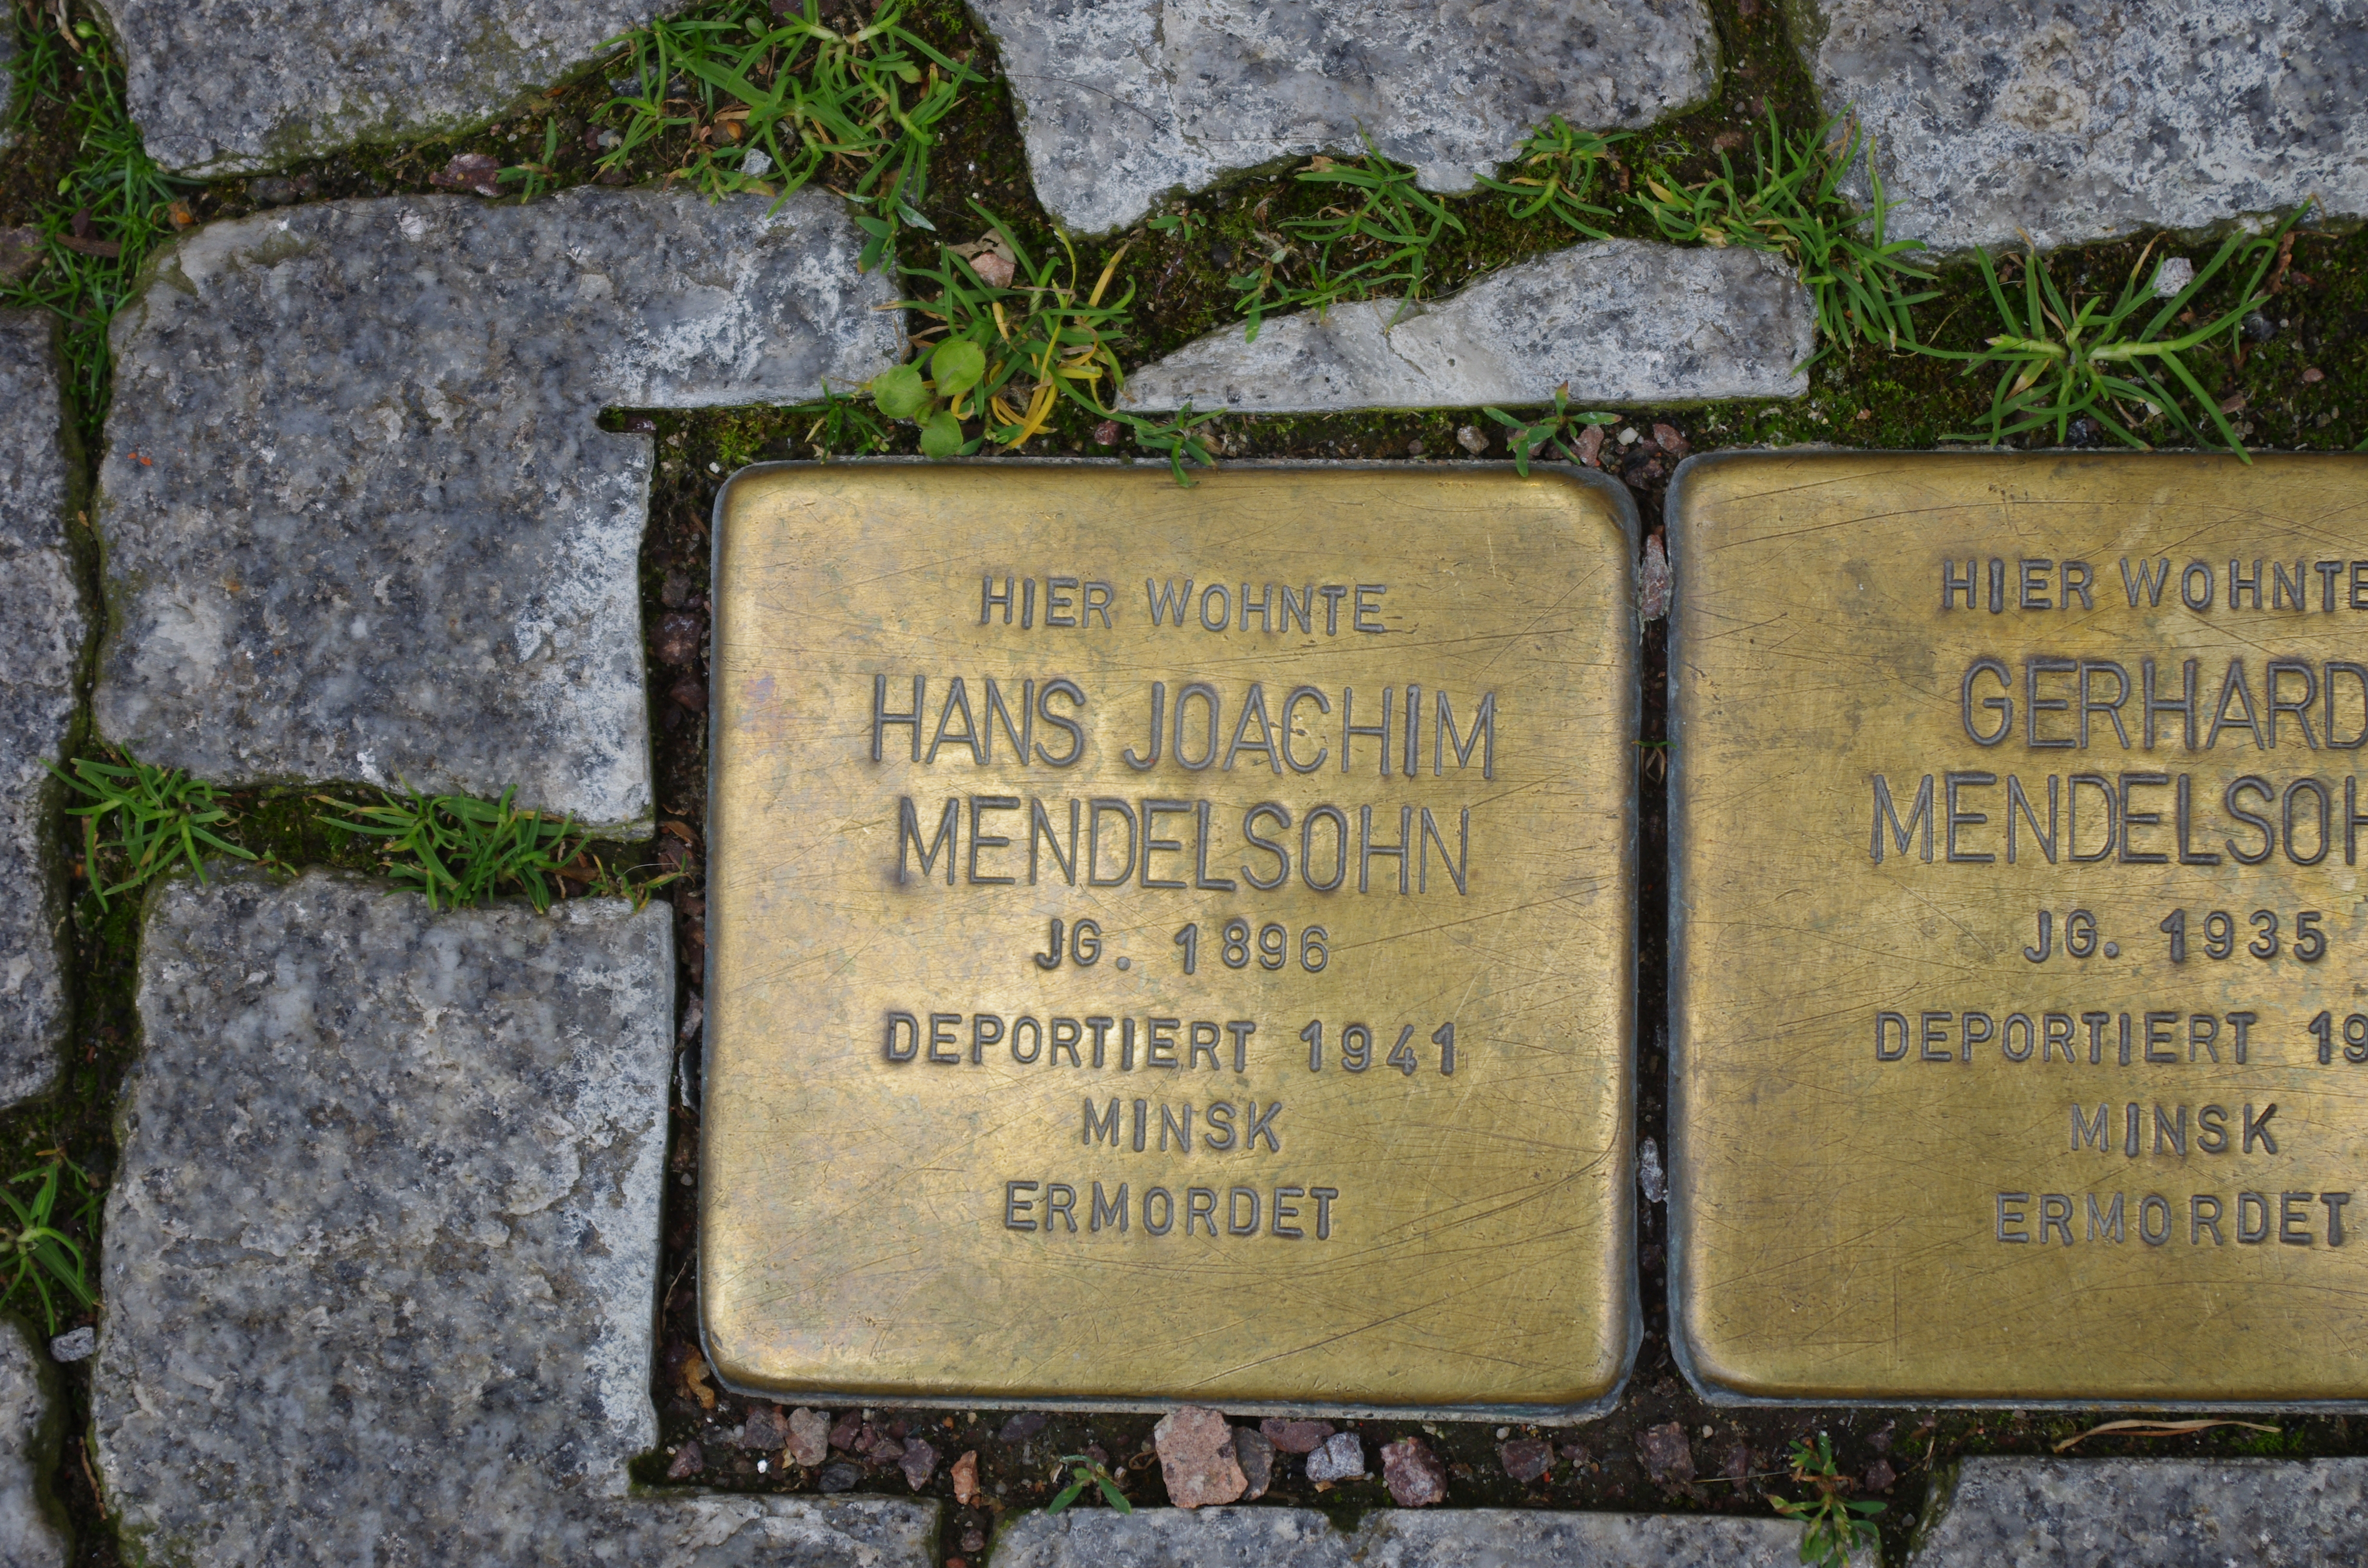 https://upload.wikimedia.org/wikipedia/commons/3/3d/Hans_Joachim_Mendelsohn_Stolperstein_Lutherstadt_Eisleben.jpg